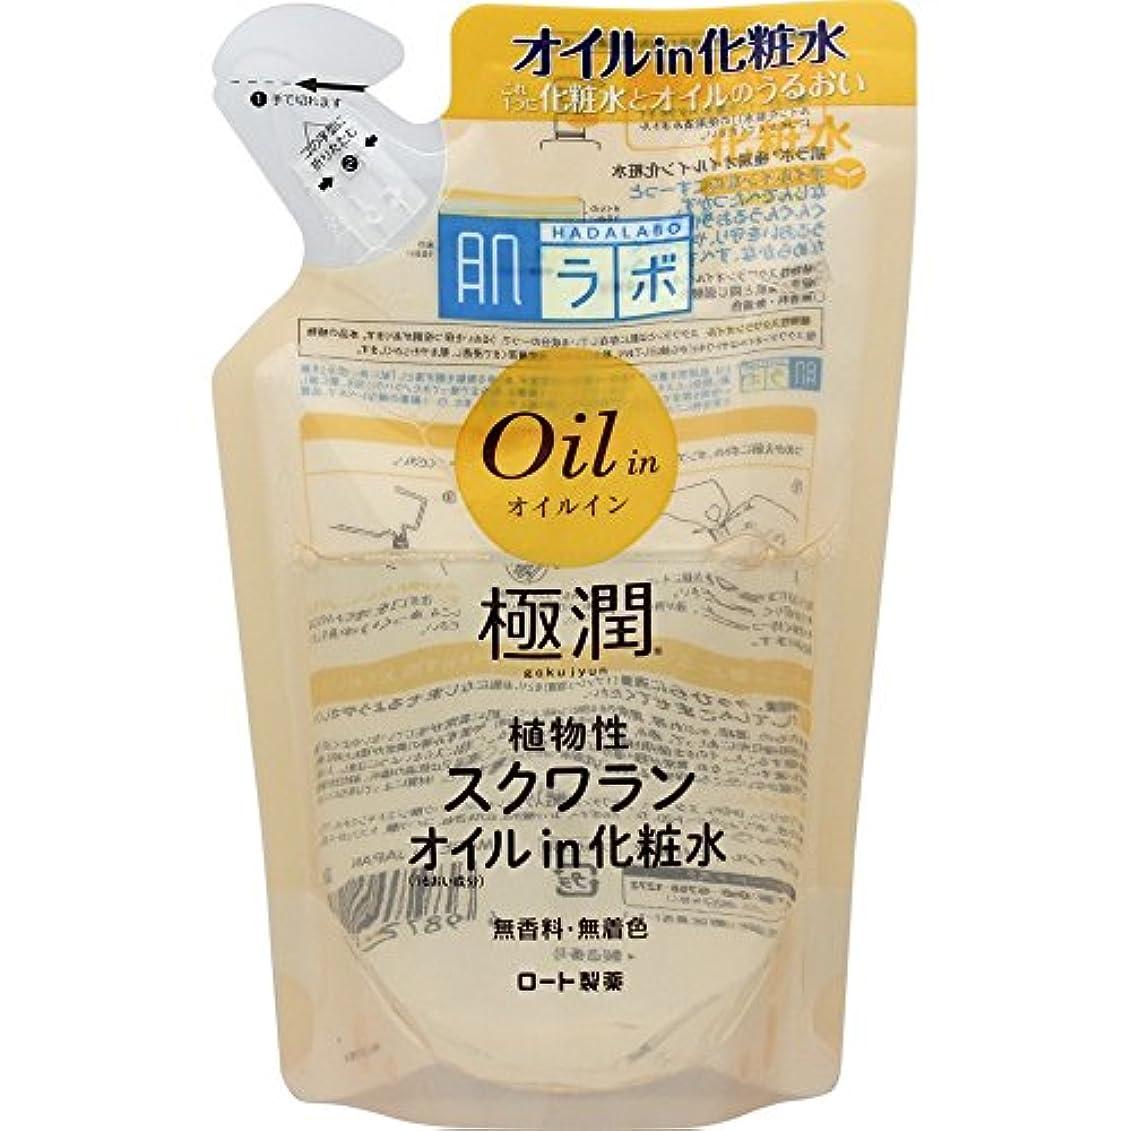 かまど感情の胆嚢肌ラボ 極潤オイルイン化粧水 <詰替用> 植物性スクワランオイル配合 220ml